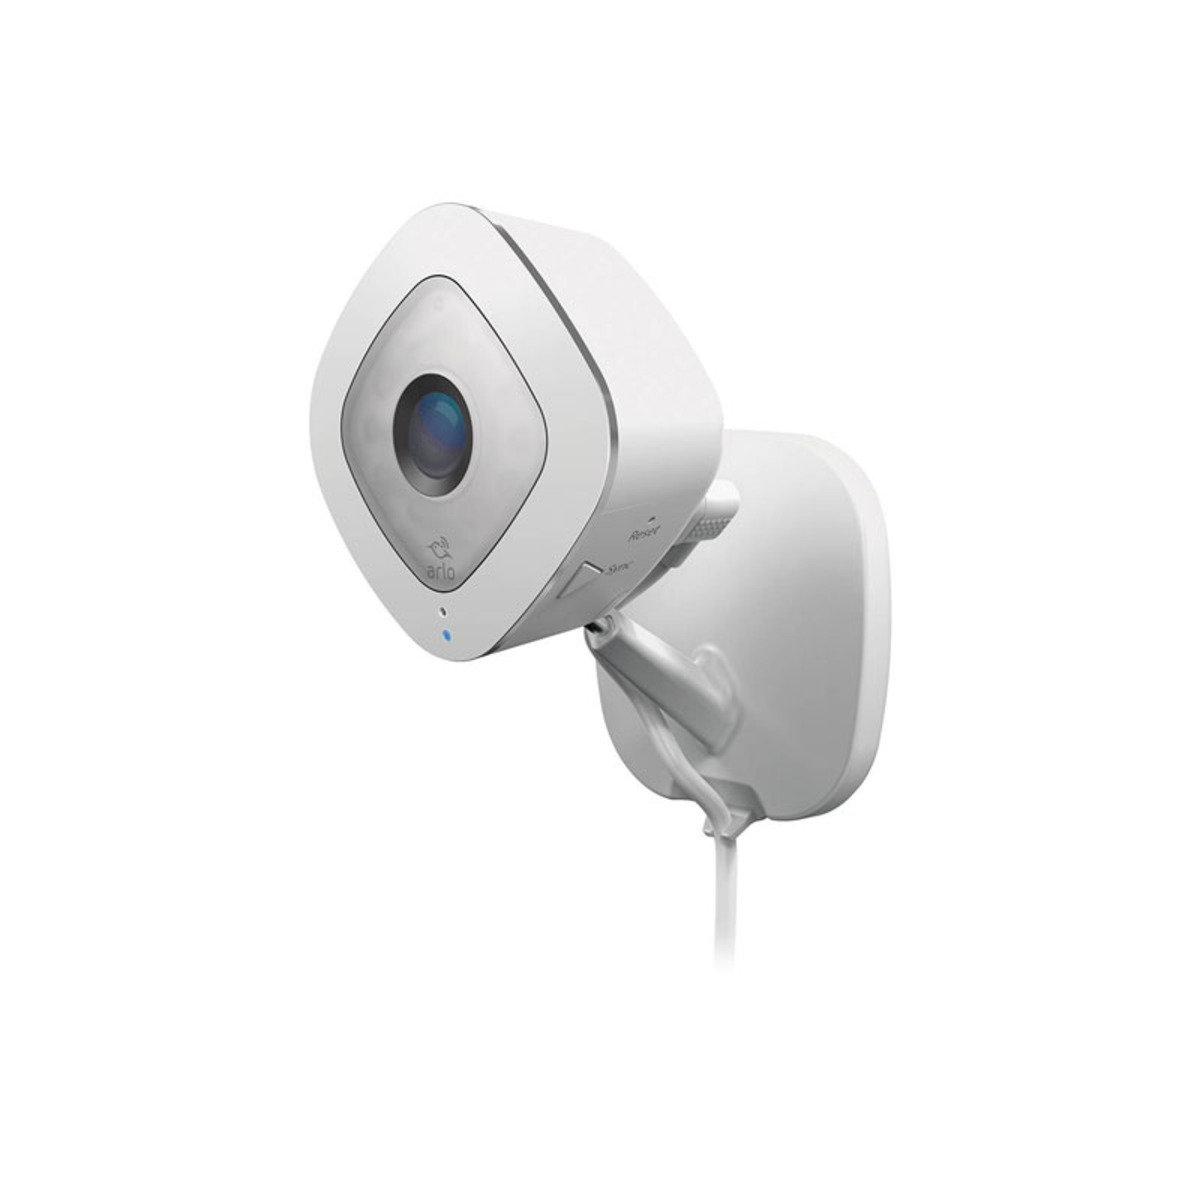 Arlo-Q 全高清1080p無線雙頻雲端攝錄鏡頭 VMC3040